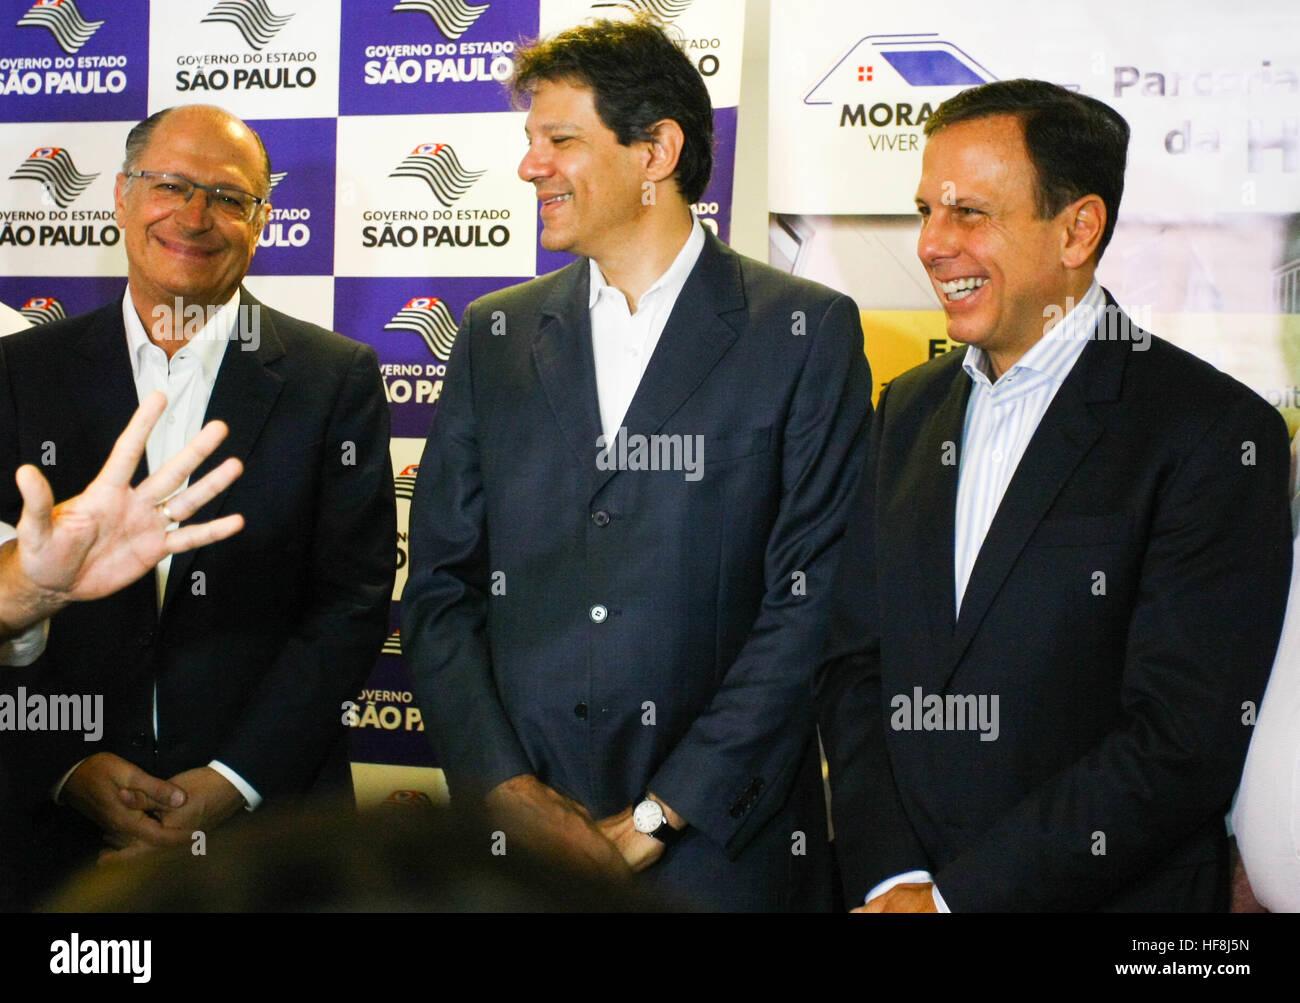 SÃO PAULO, SP - 29.12.2016: ENTREGA DE APARTAMENTOS DA PRIMEIRA PPP - nella foto da destra. p/Esq. Governatore Geraldo Alckmin, Sindaco Fernando Haddad e il sindaco eletto Giovanni Doria. Governatore Geraldo Alckmin consegnato la mattina del giovedì (29), a Rua São Caetano nel centro di São Paulo, 126 appartamenti del primo partenariato pubblico-privato (PPP) nel paese alloggi per famiglie a basso reddito. Hanno partecipato alla manifestazione il sindaco Fernando Haddad e il sindaco eletto Giovanni Doria. (Foto: Aloisio Mauricio/Fotoarena) Foto Stock